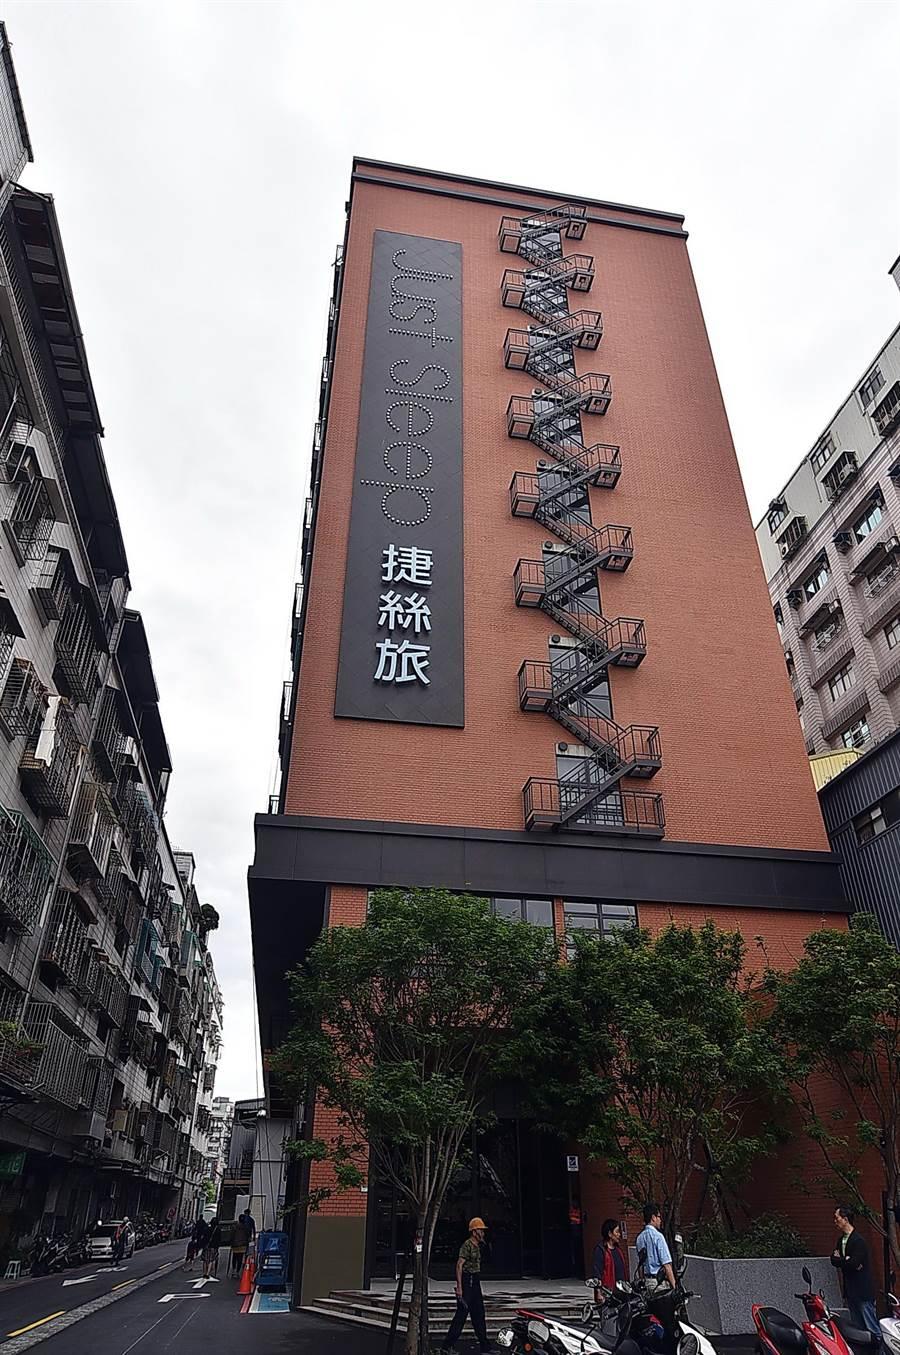 捷絲旅台北三重館建築由外而內是以紐約loft倉庫的風格打造,外觀是以磚牆搭配黑色鑄鐵打造的紐約風造型鐵梯。(圖/姚舜)